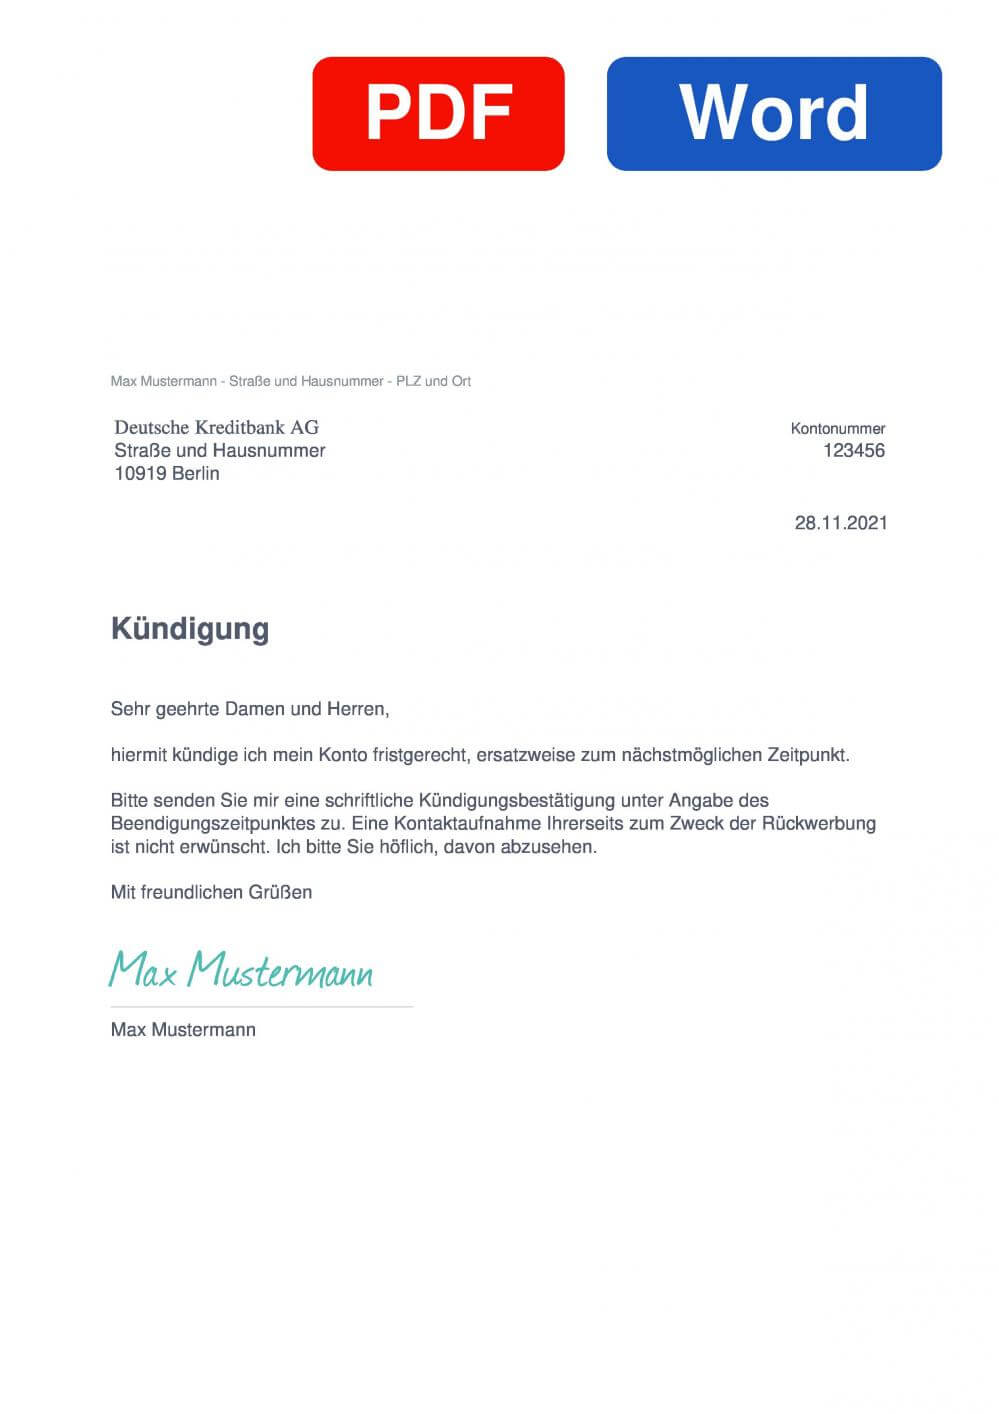 DKB Deutsche Kreditbank Muster Vorlage für Kündigungsschreiben